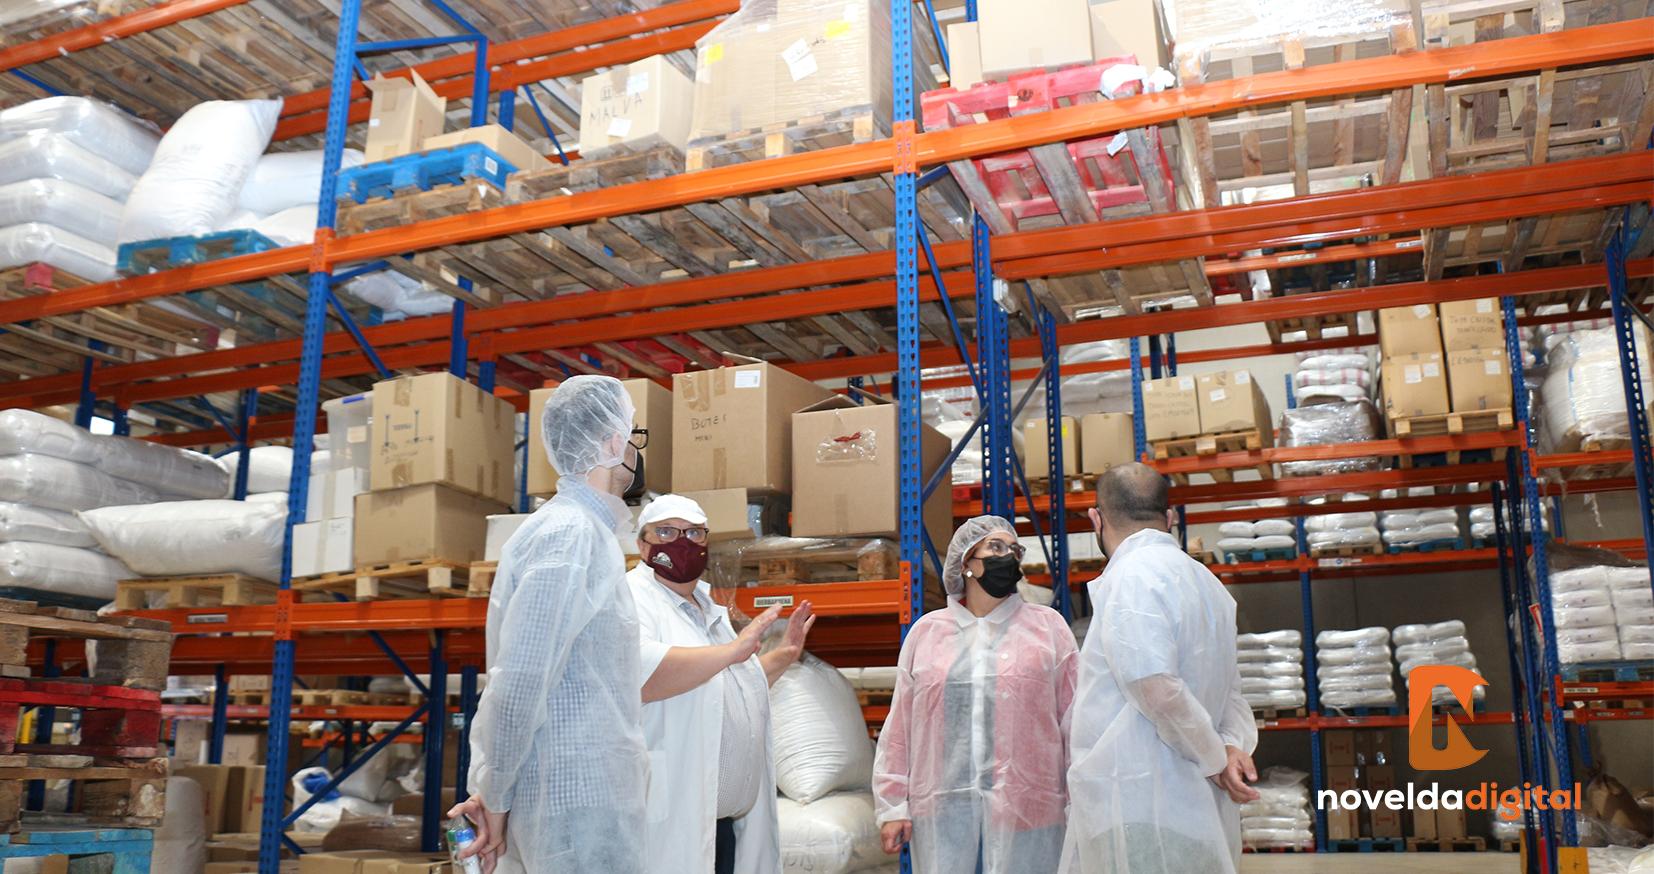 El alcalde visita las instalaciones de La Barraca Alimentación